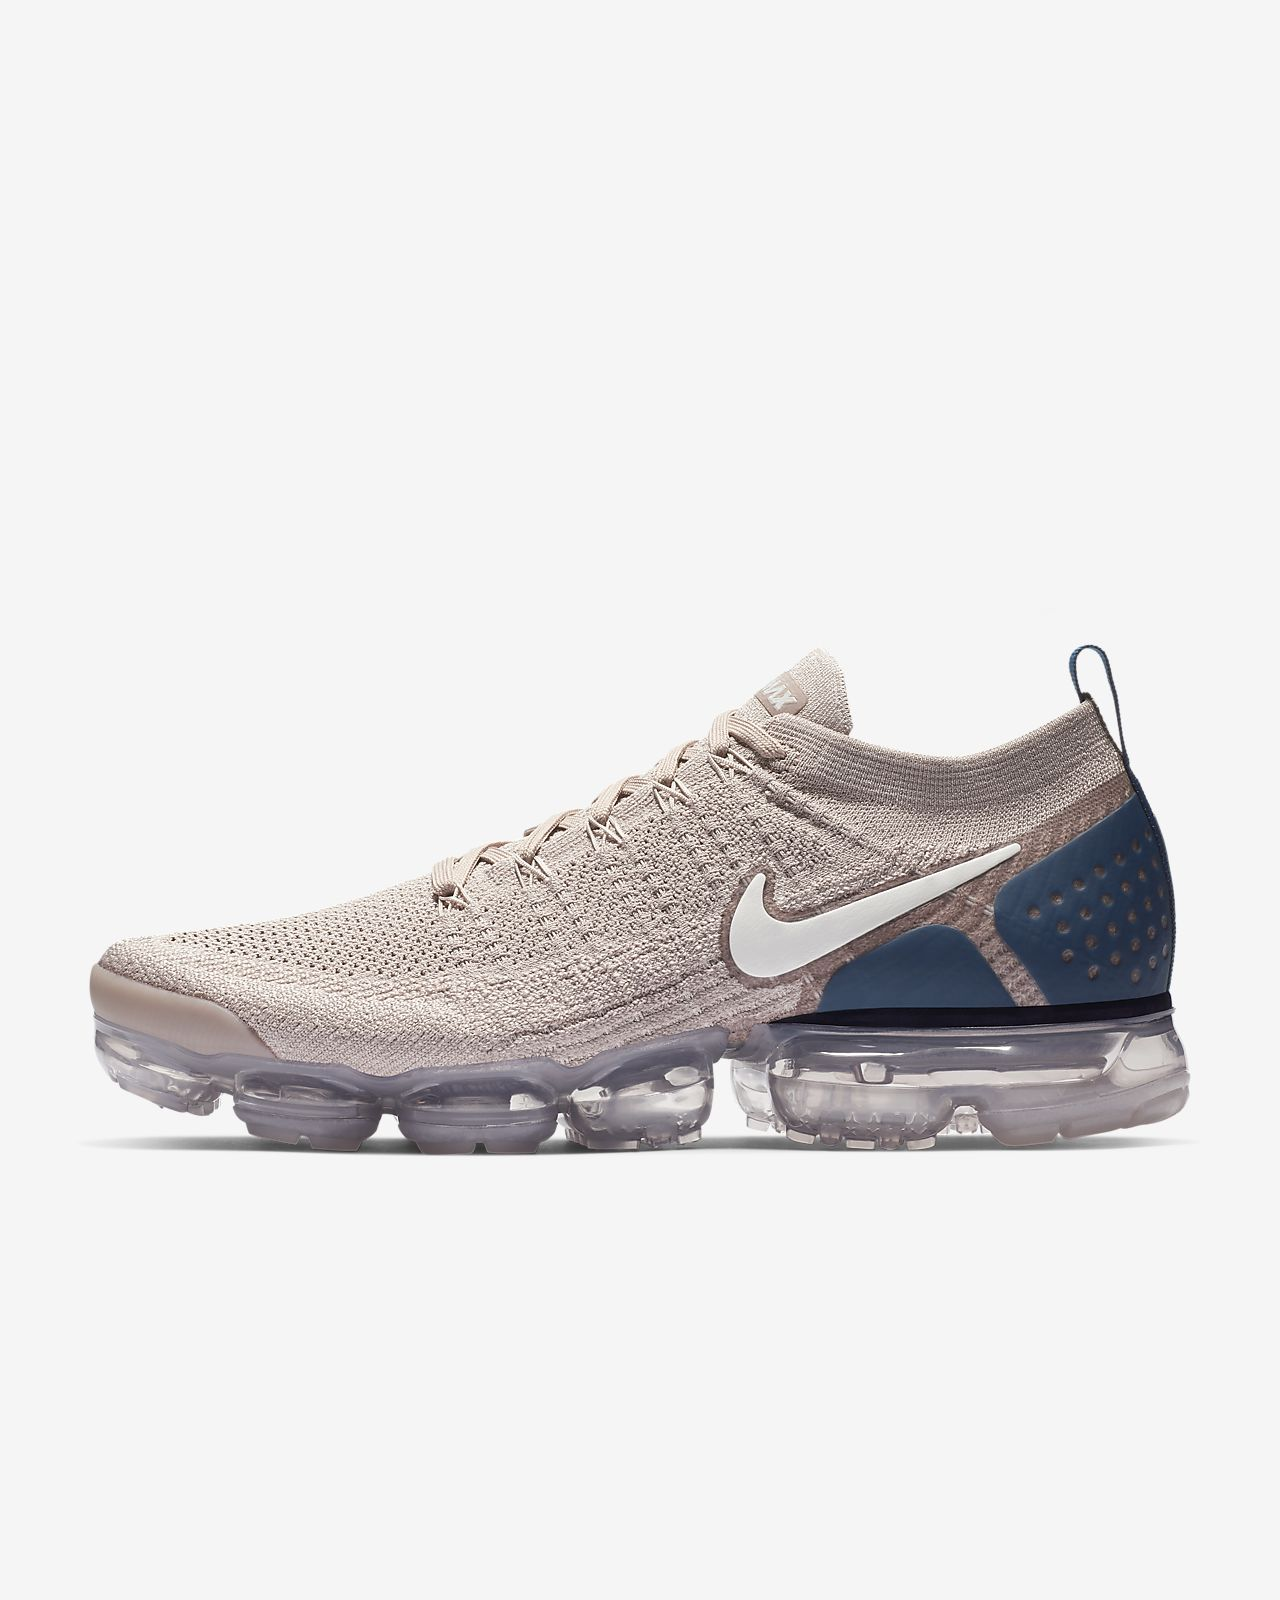 online store 49e6e 27684 ... Chaussure Nike Air VaporMax Flyknit 2